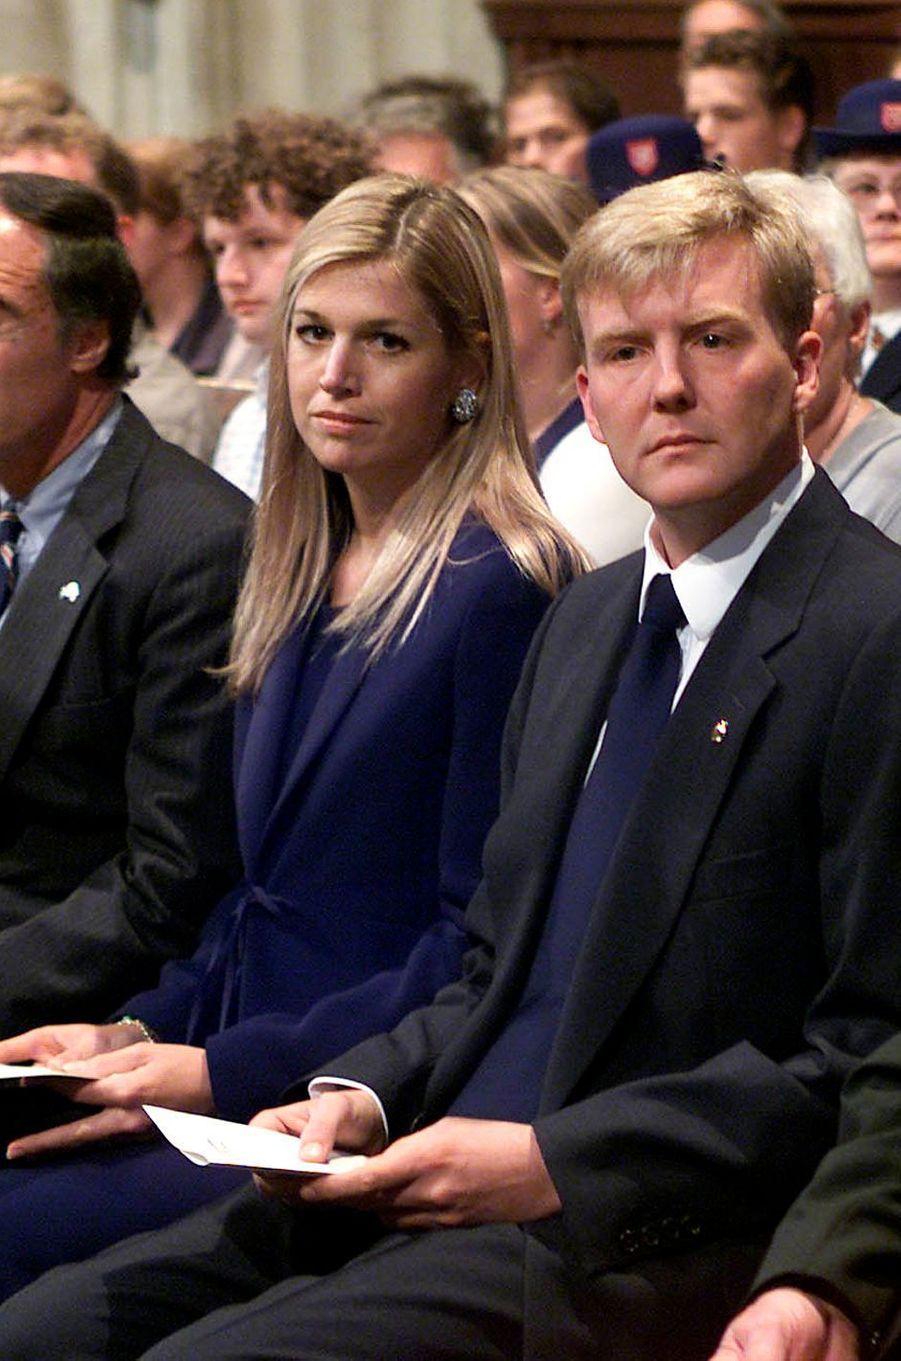 Maxima Zorreguieta et le prince Willem-Alexander des Pays-Bas, le 15 septembre 2001